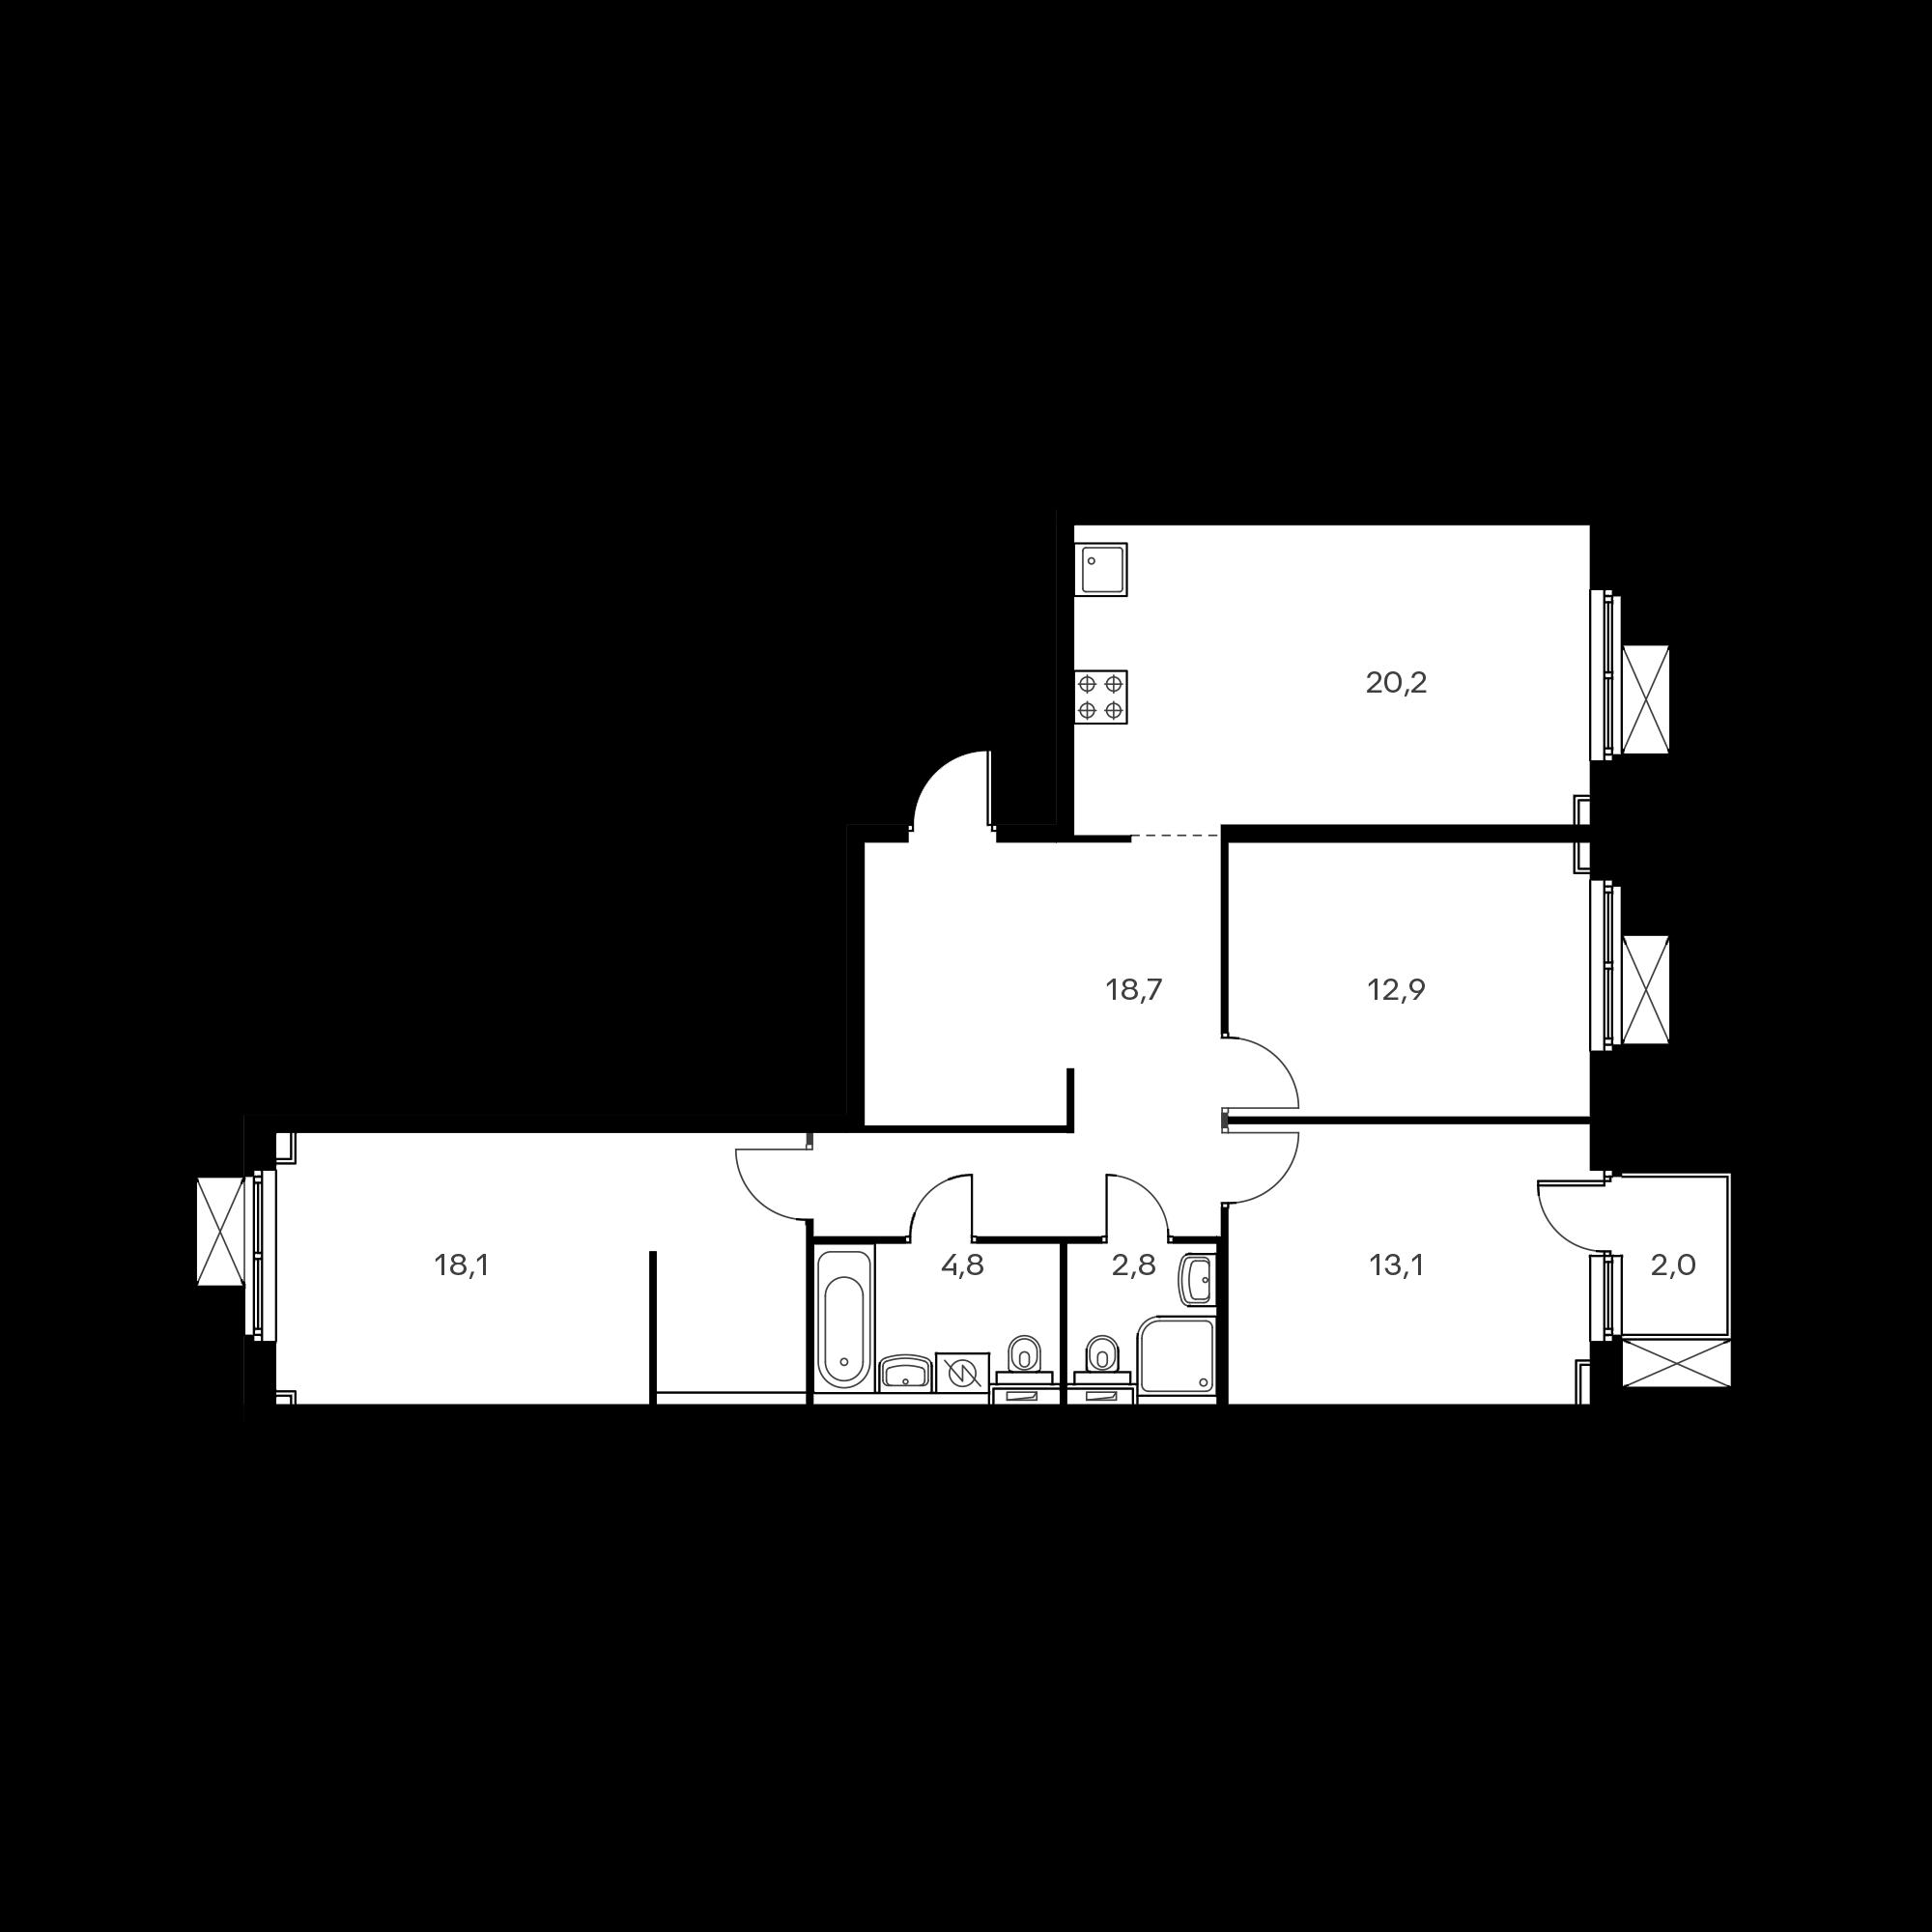 3EL3_10.2-1_T_B(R2-2,0)